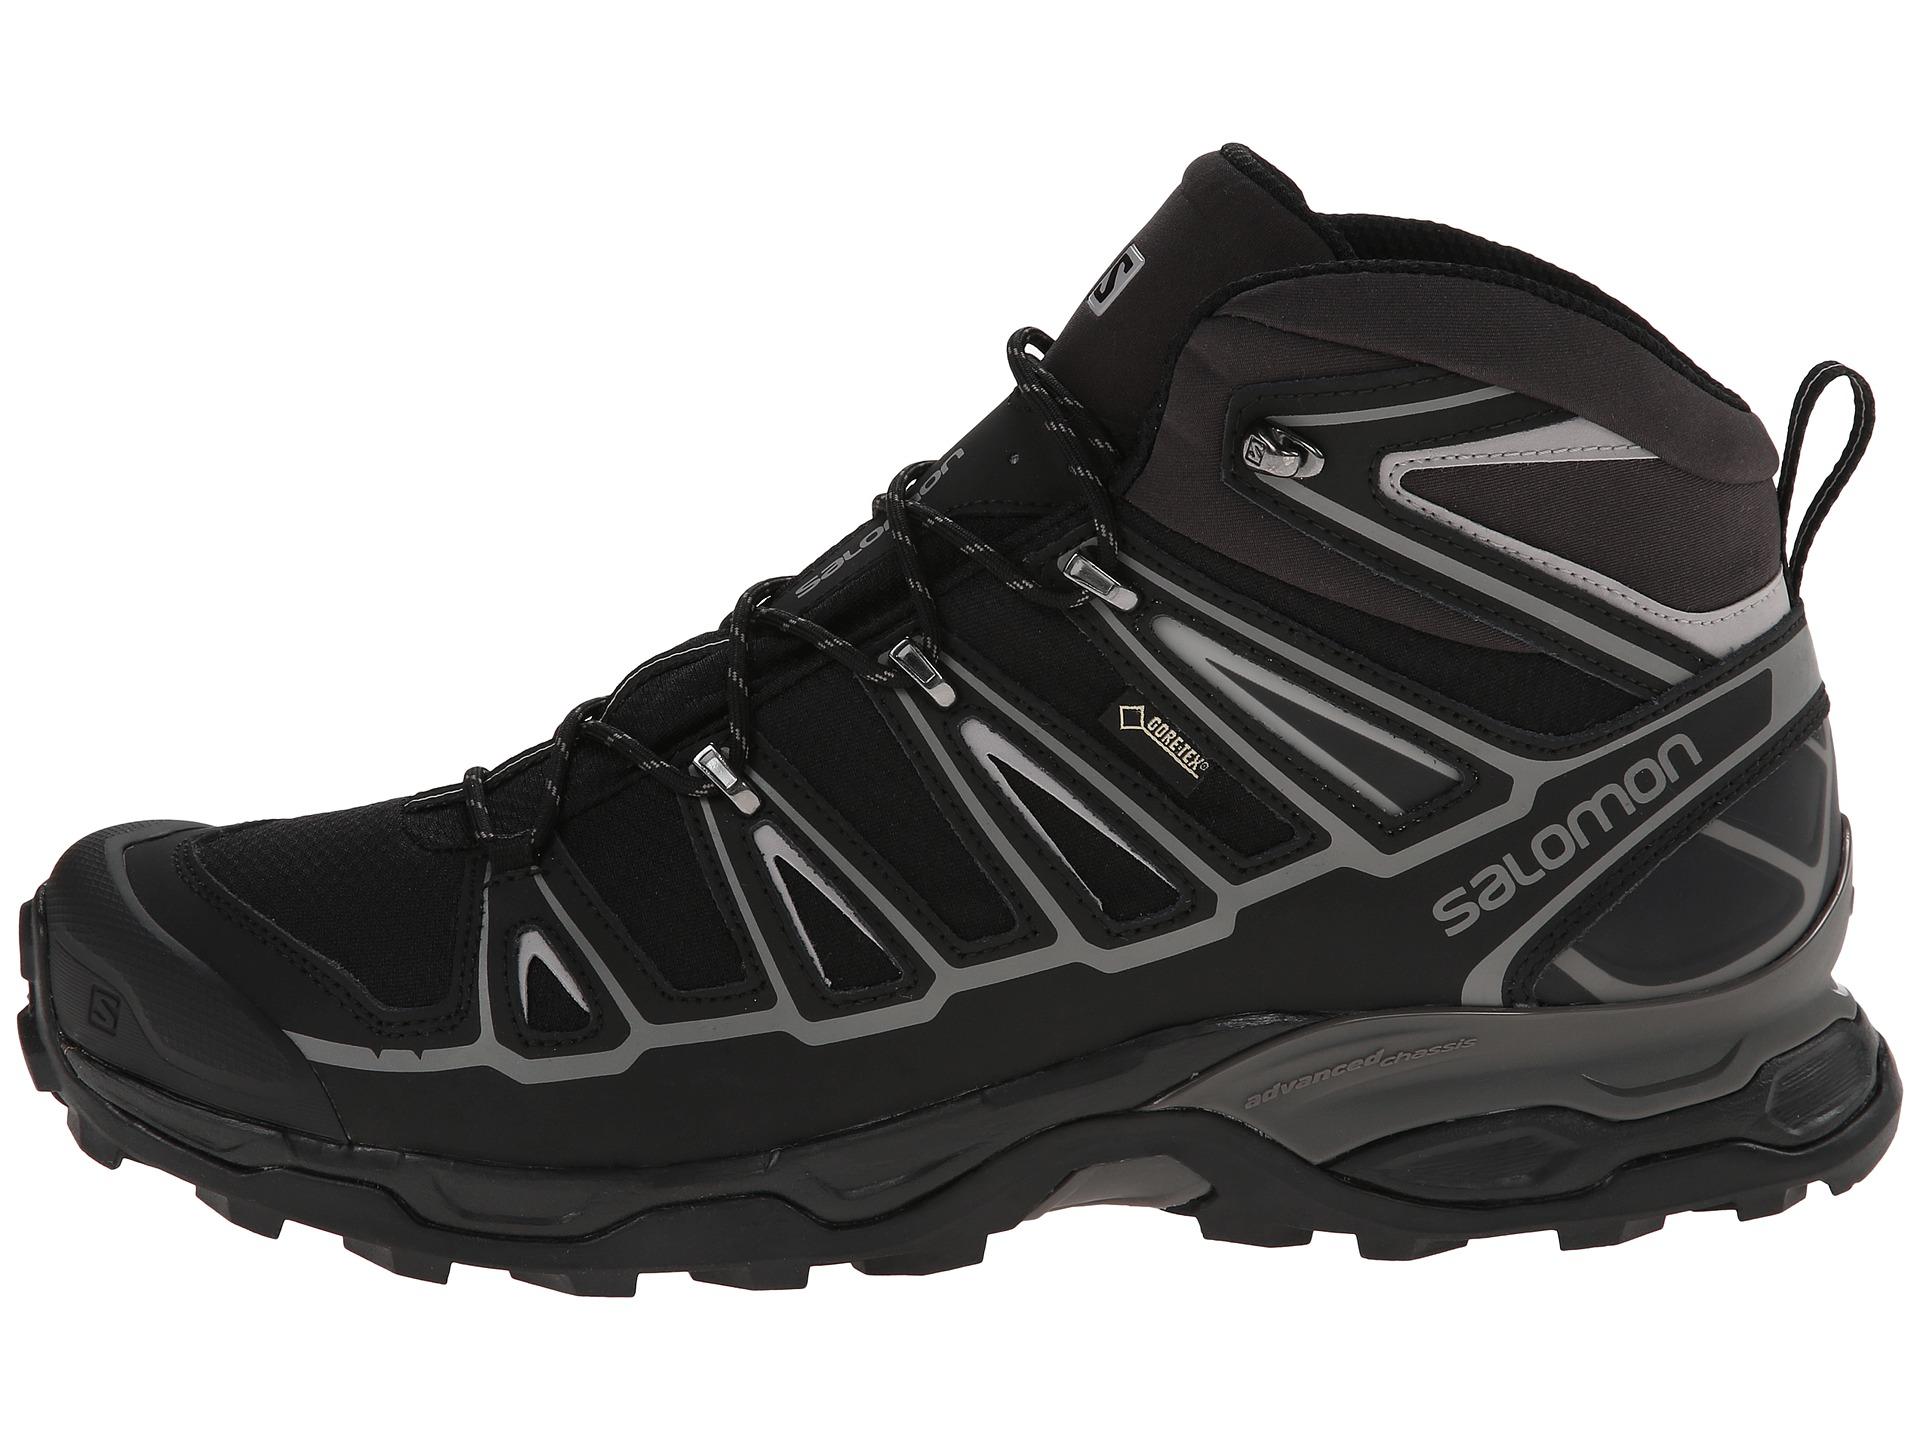 cdb4e2037f6c Ce n'est pas qu'une question de pointure, car il ne s'agit pas d'une simple  paire de chaussures. Chaque détail compte pour le confort d'utilisation.